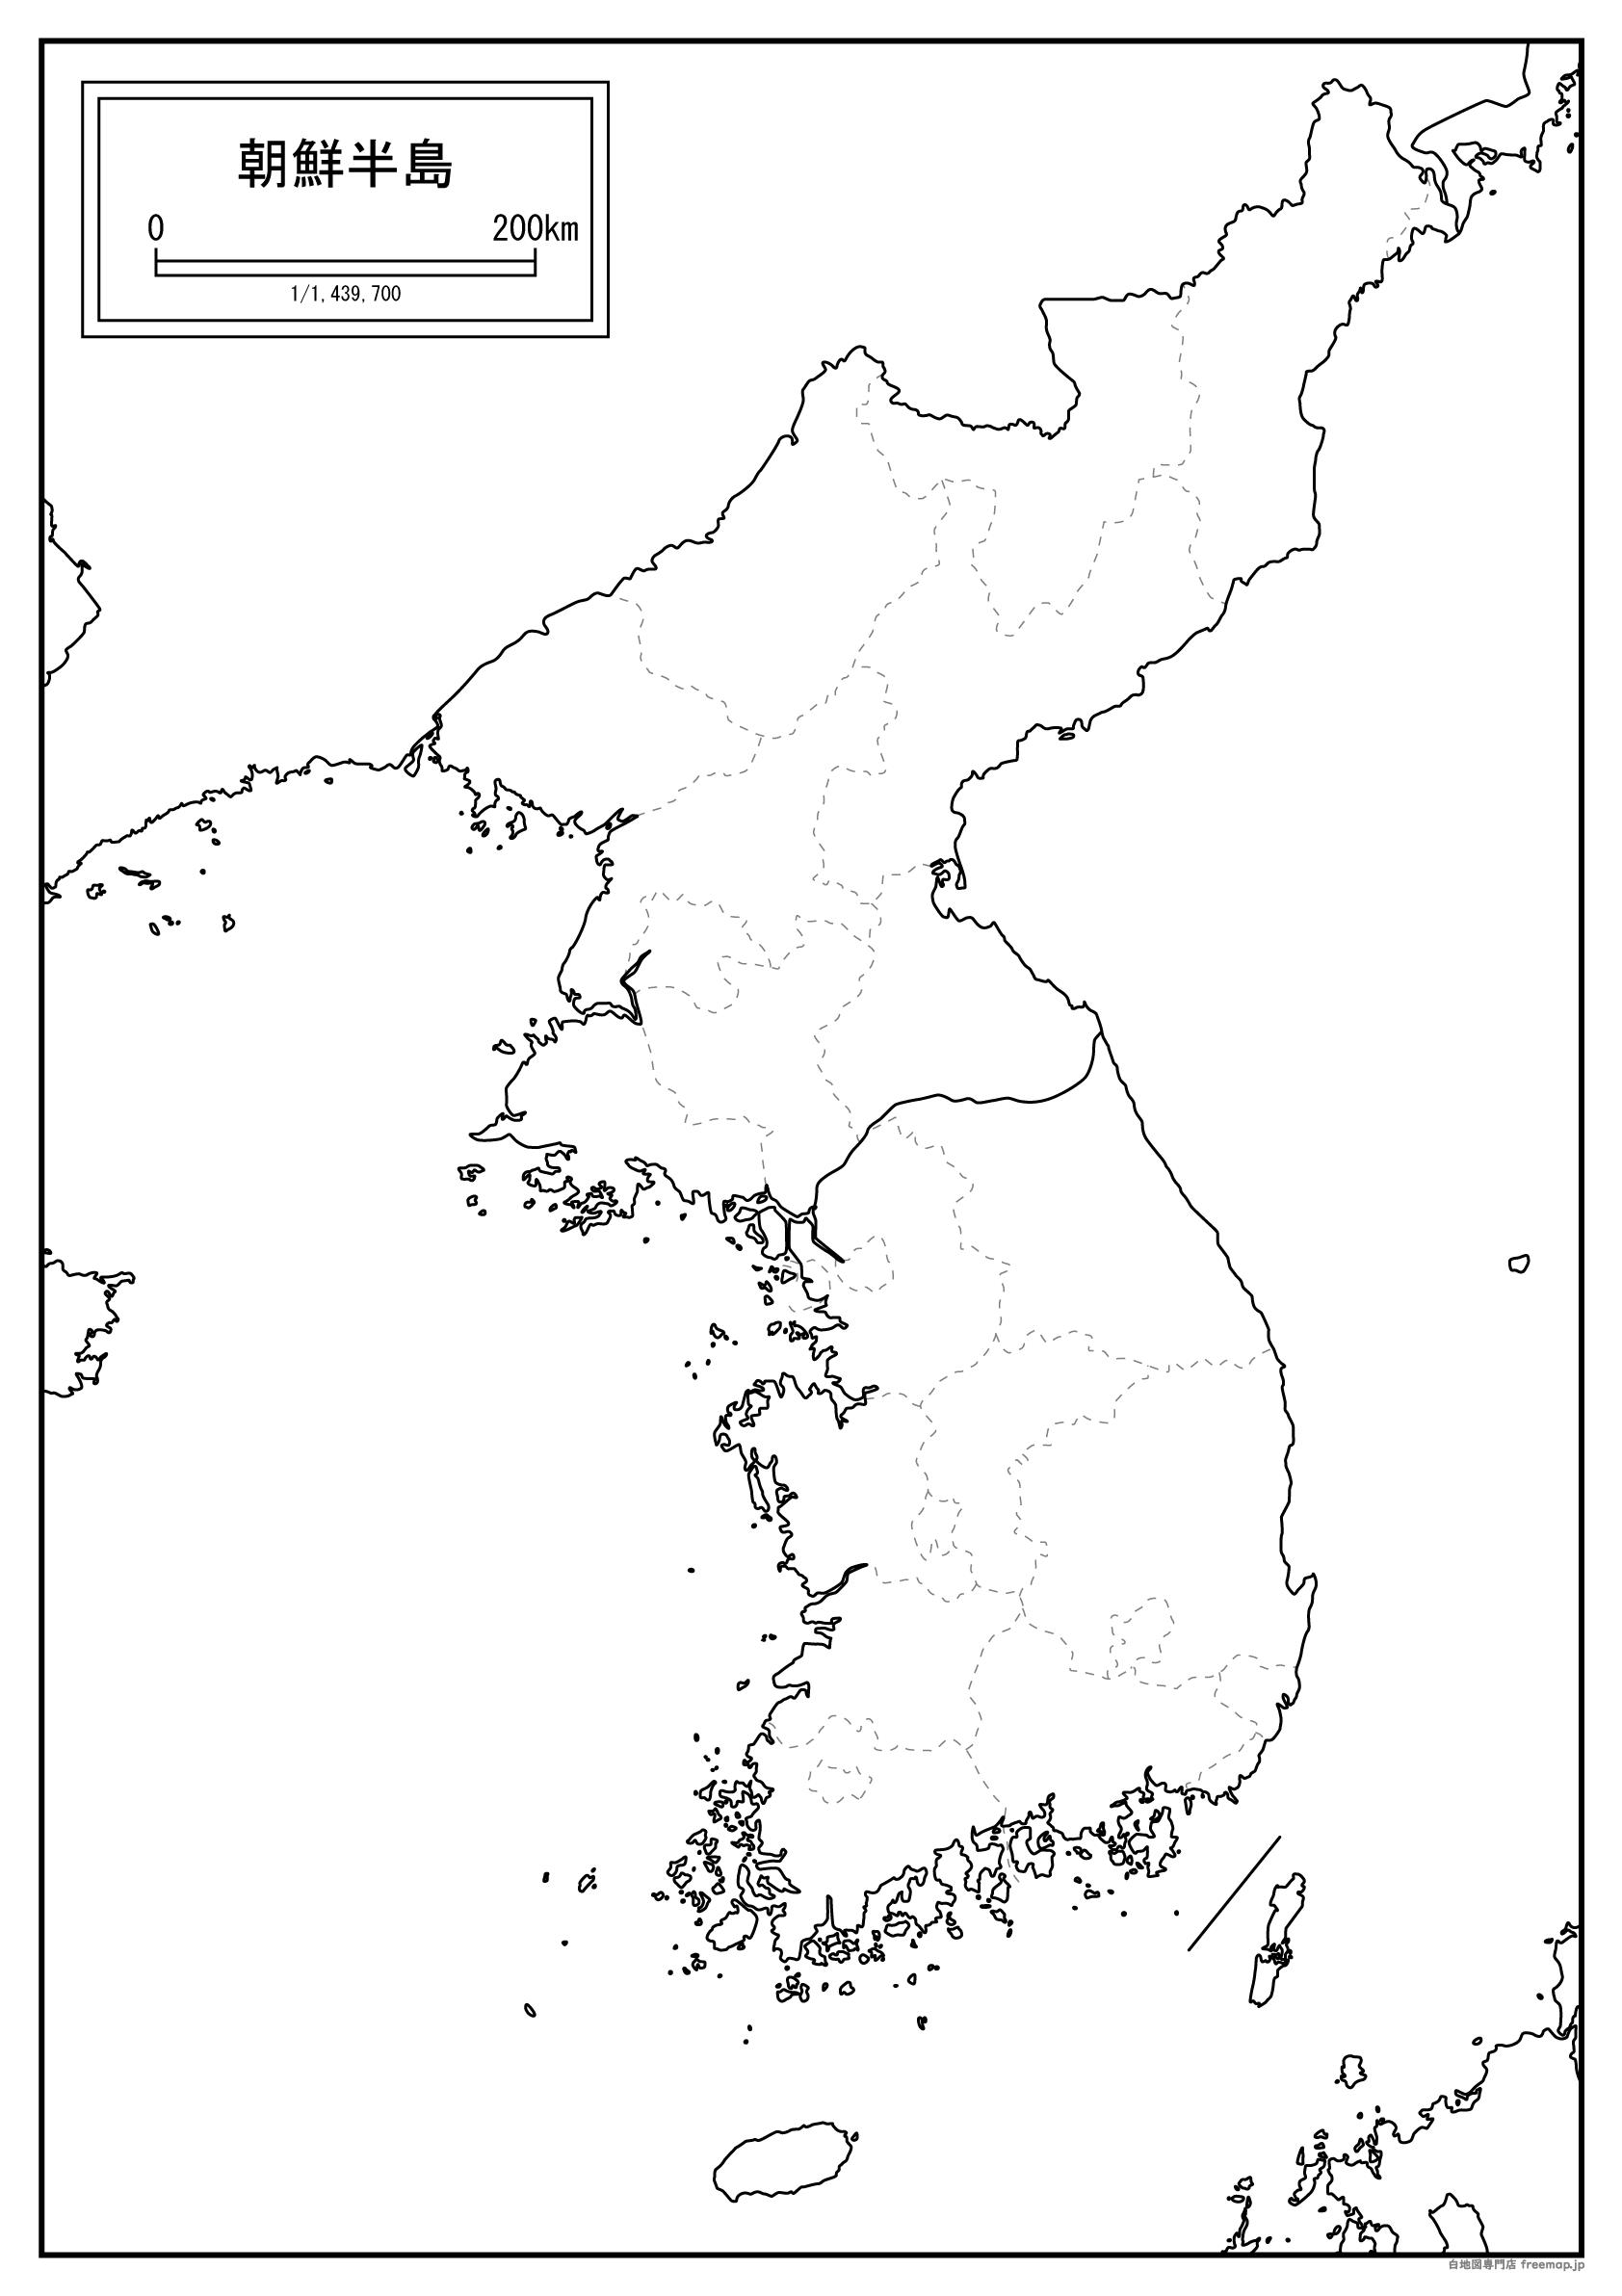 朝鮮半島の白地図を無料ダウンロード | 白地図専門店